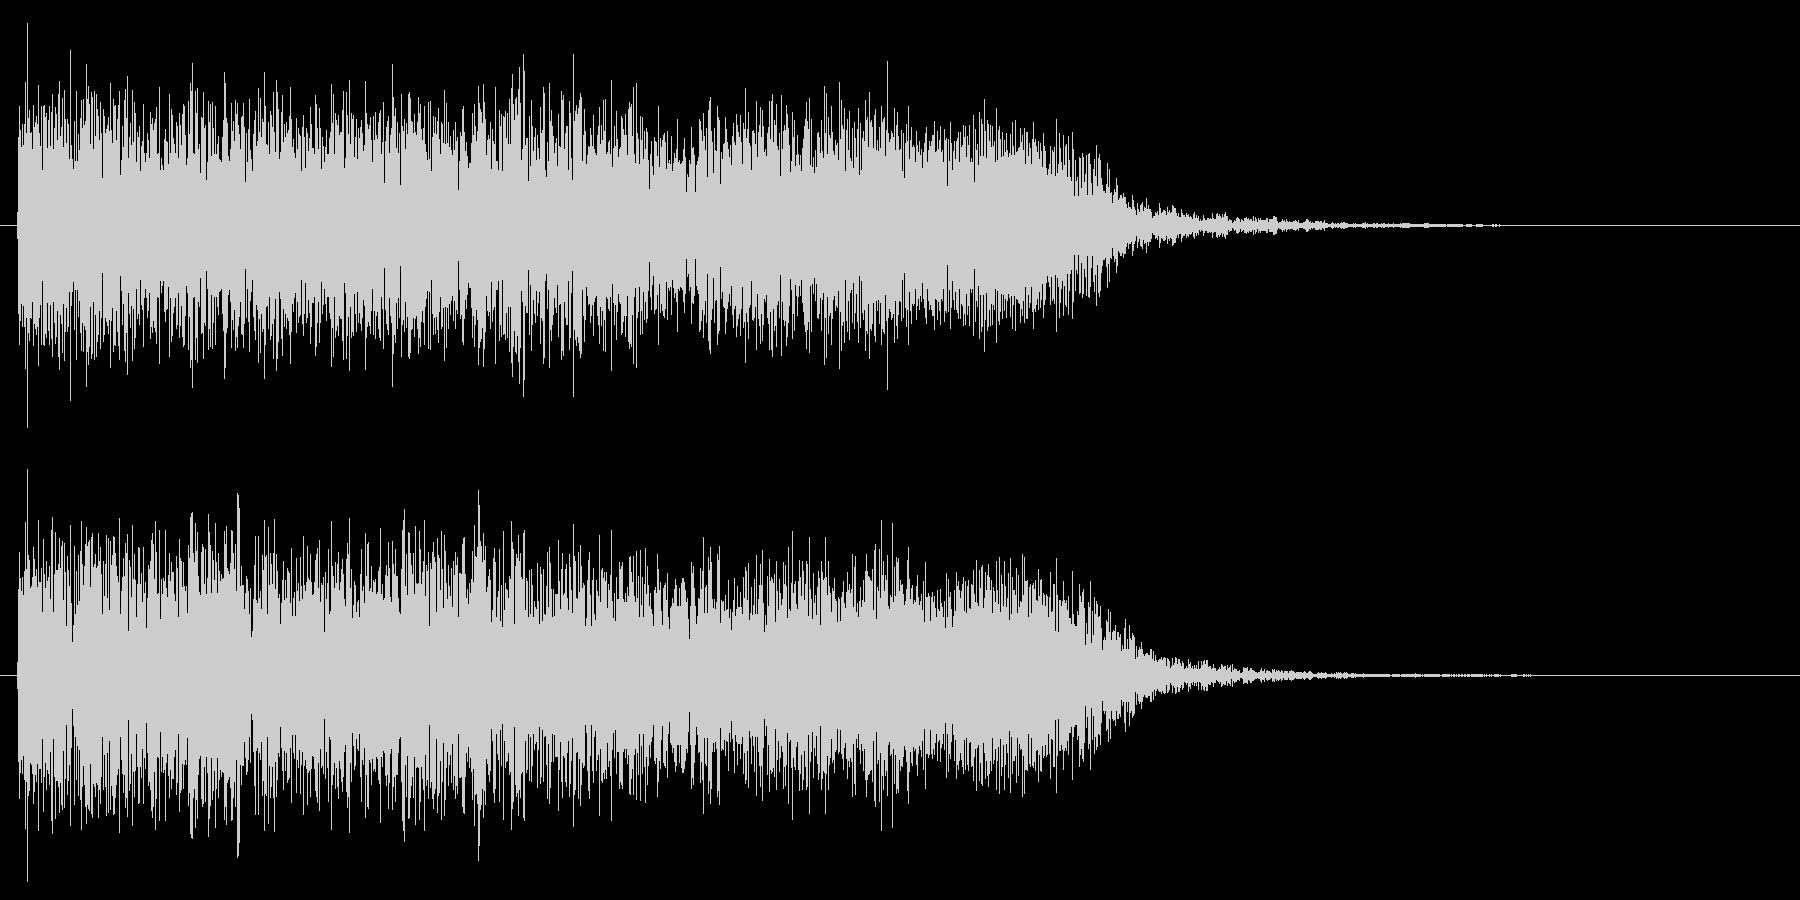 メタルギターフレーズ クラシカルでクールの未再生の波形